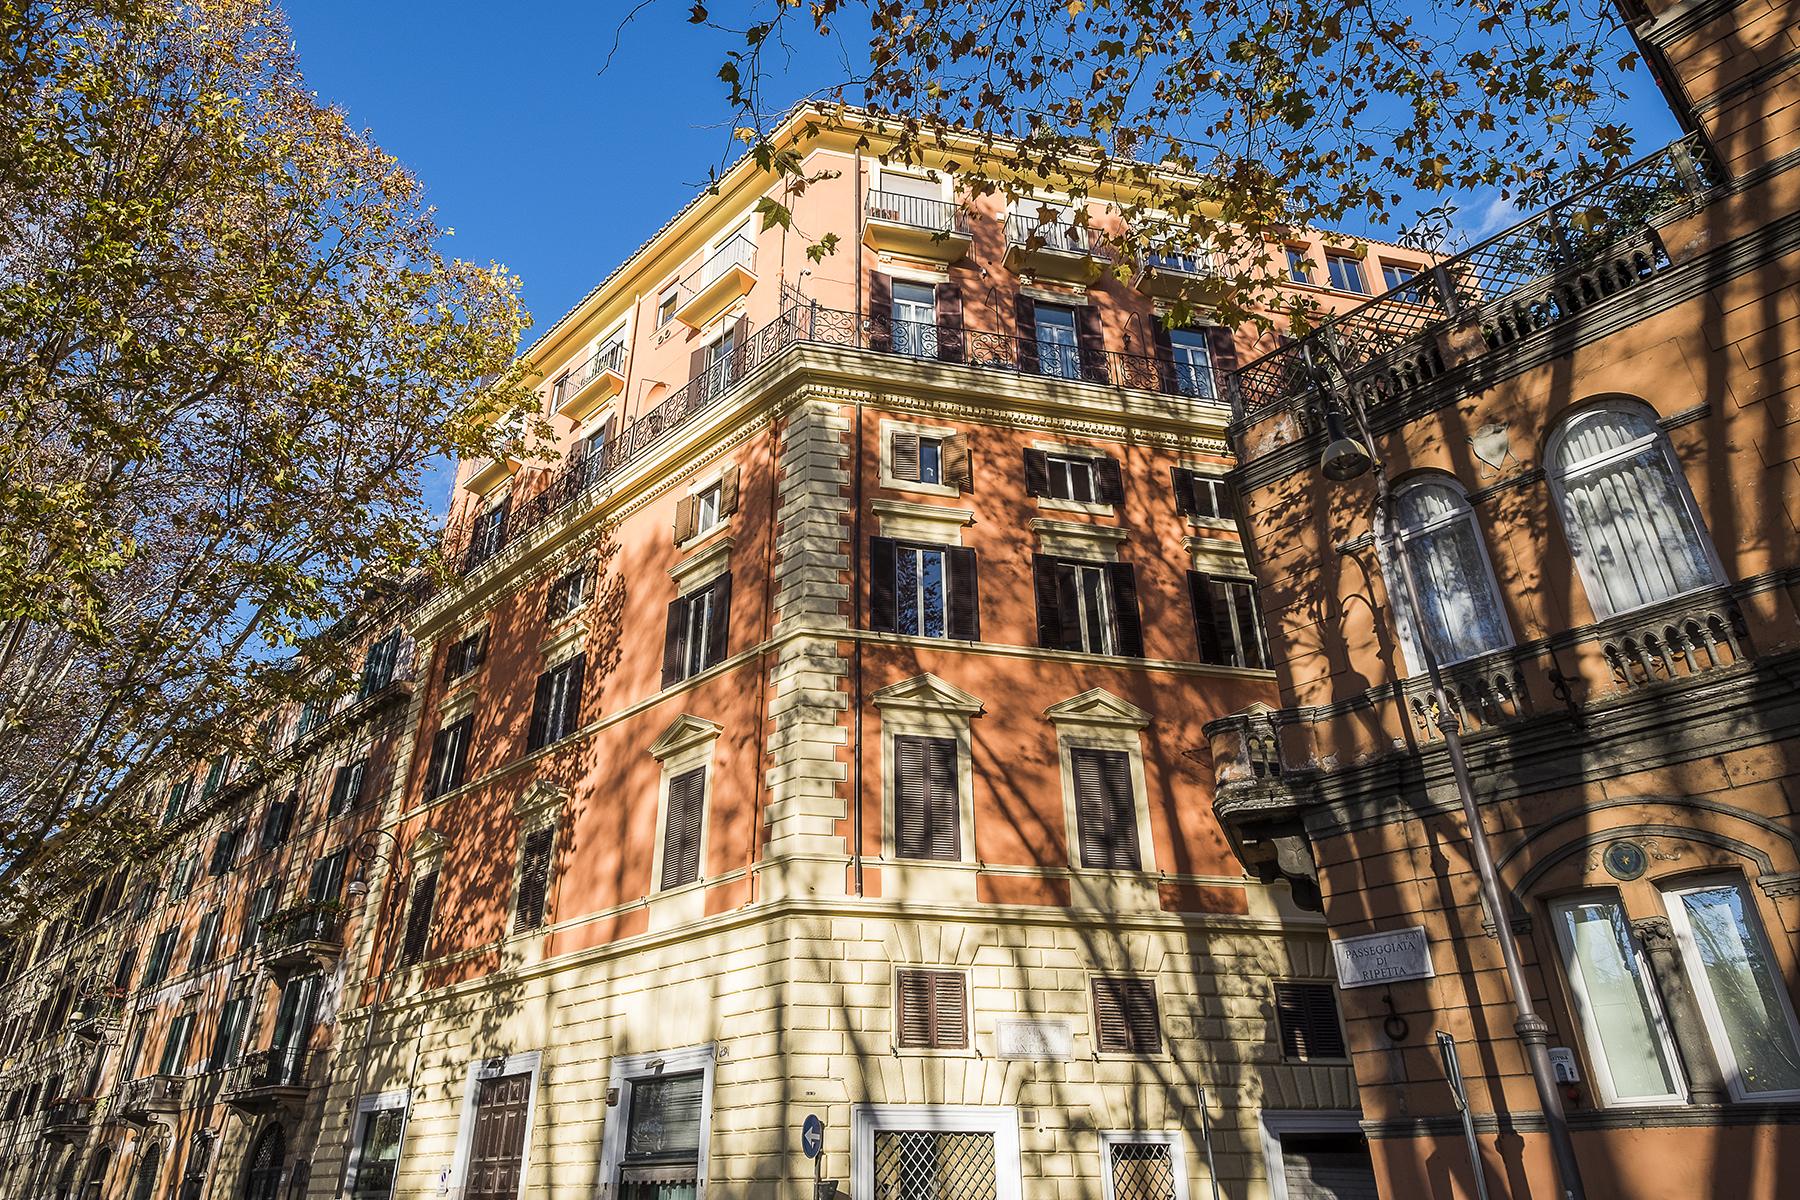 Appartamento in Vendita a Roma 01 Centro Storico: 4 locali, 100 mq